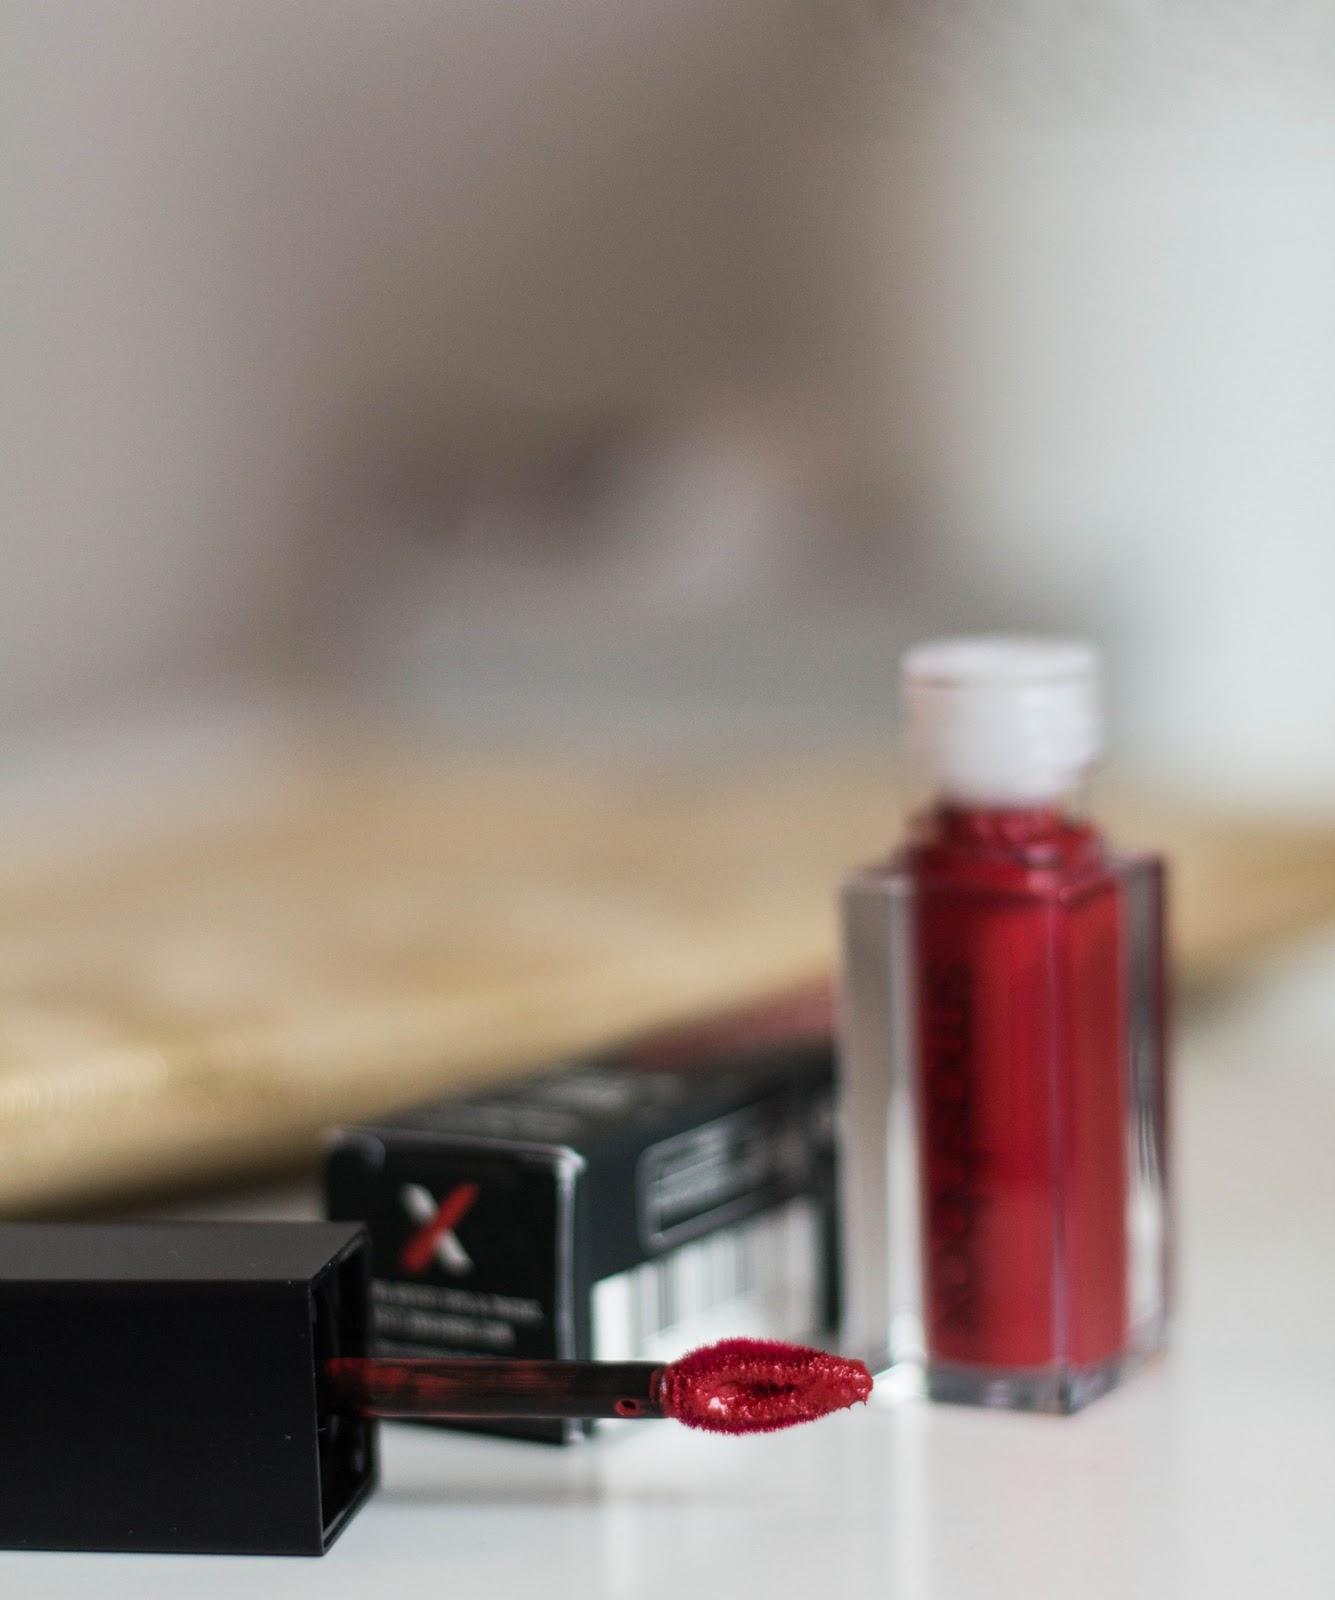 smashbox-always-on-liquid-lipstick-bawse